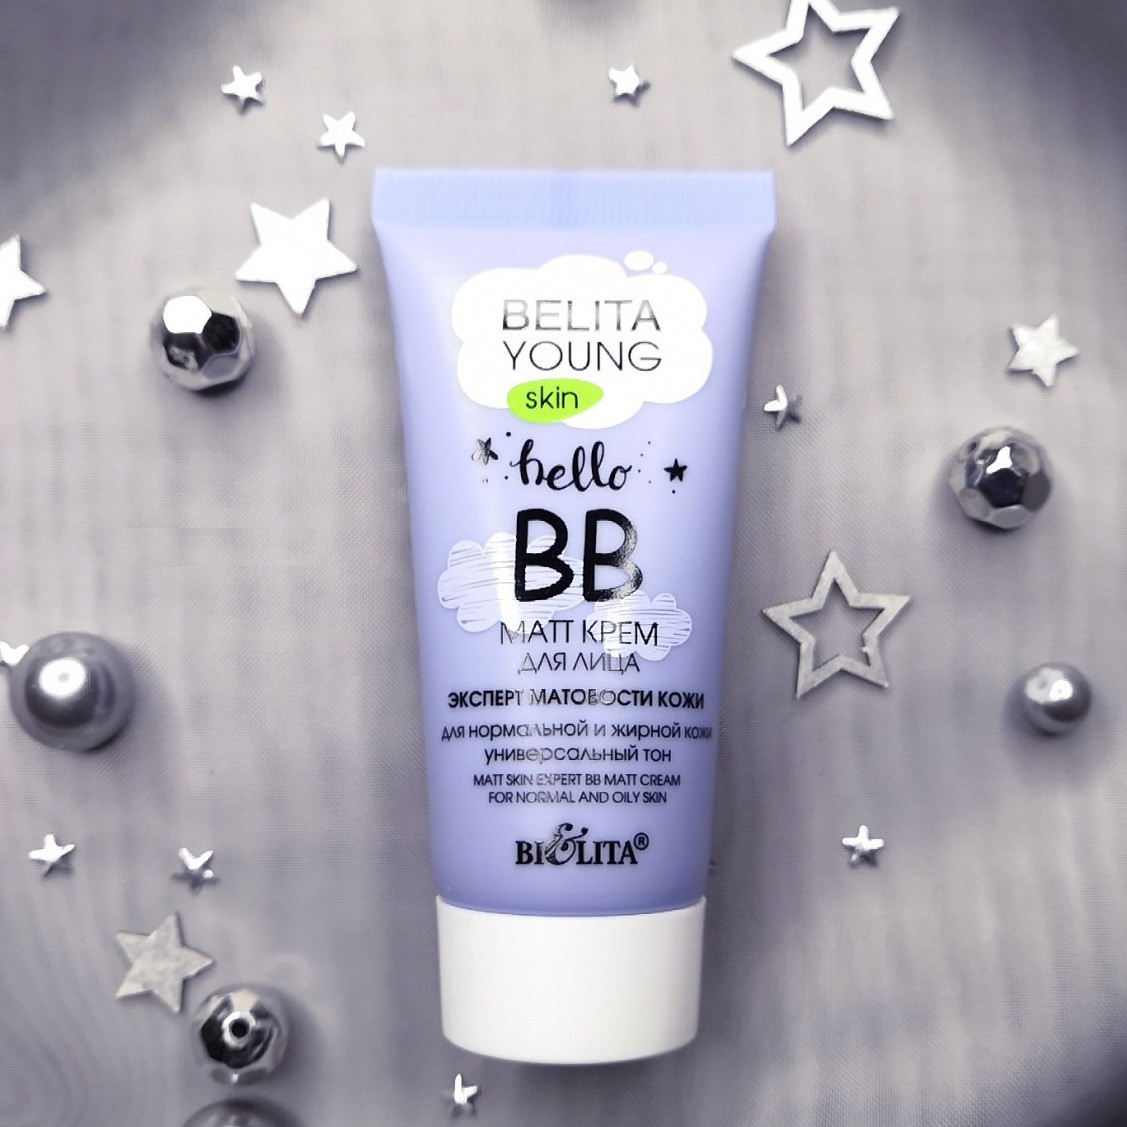 BB матуючий крем для корекції рельєфу і дефектів обличчя Belita Young Skin Експерт Матовості Шкіри 30 мл